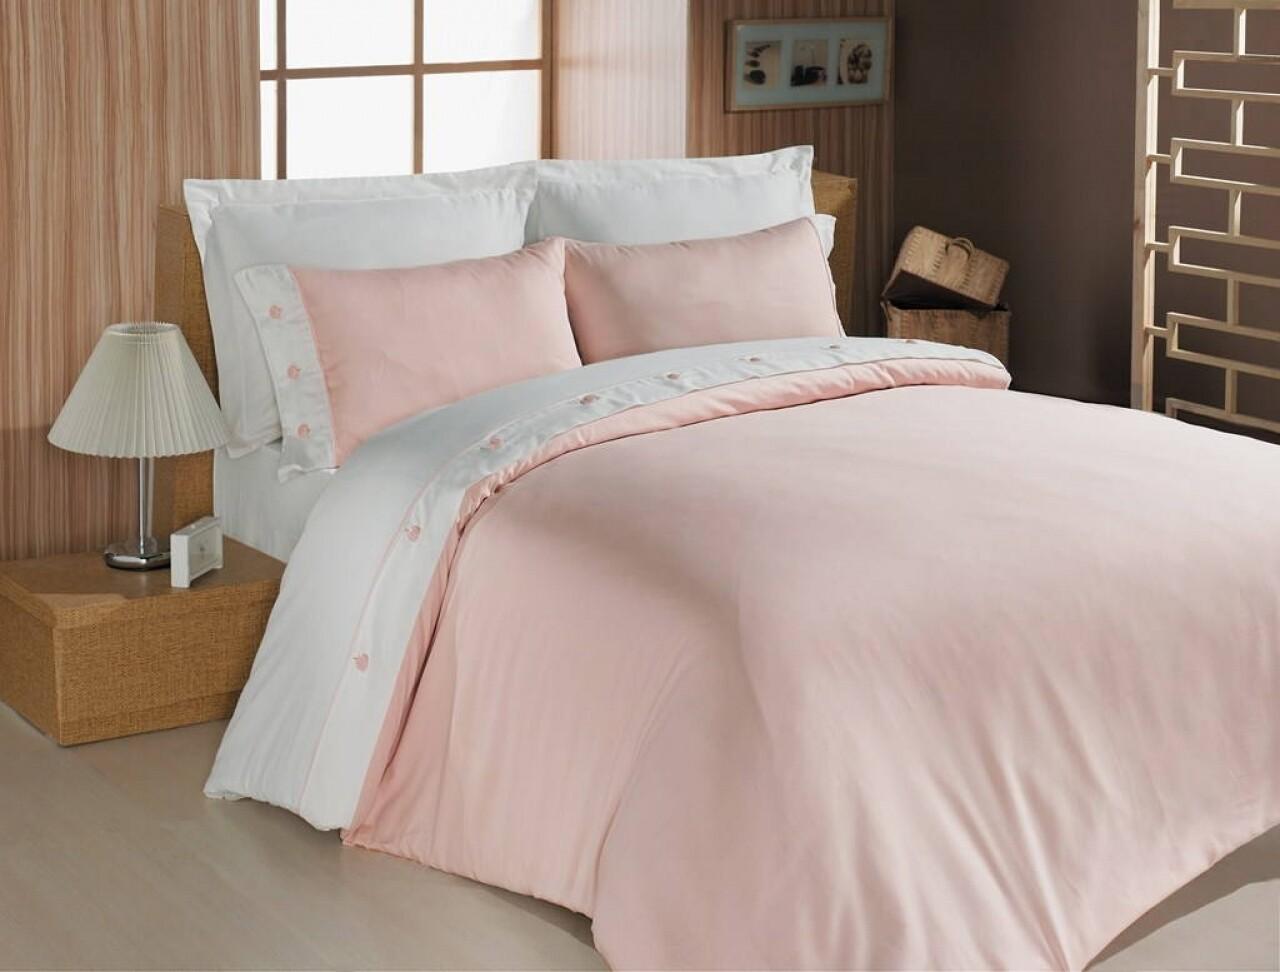 Lenjerie de pat dubla, 6 piese, 240x260 cm, 100% bumbac satinat, Cotton Box, Pink